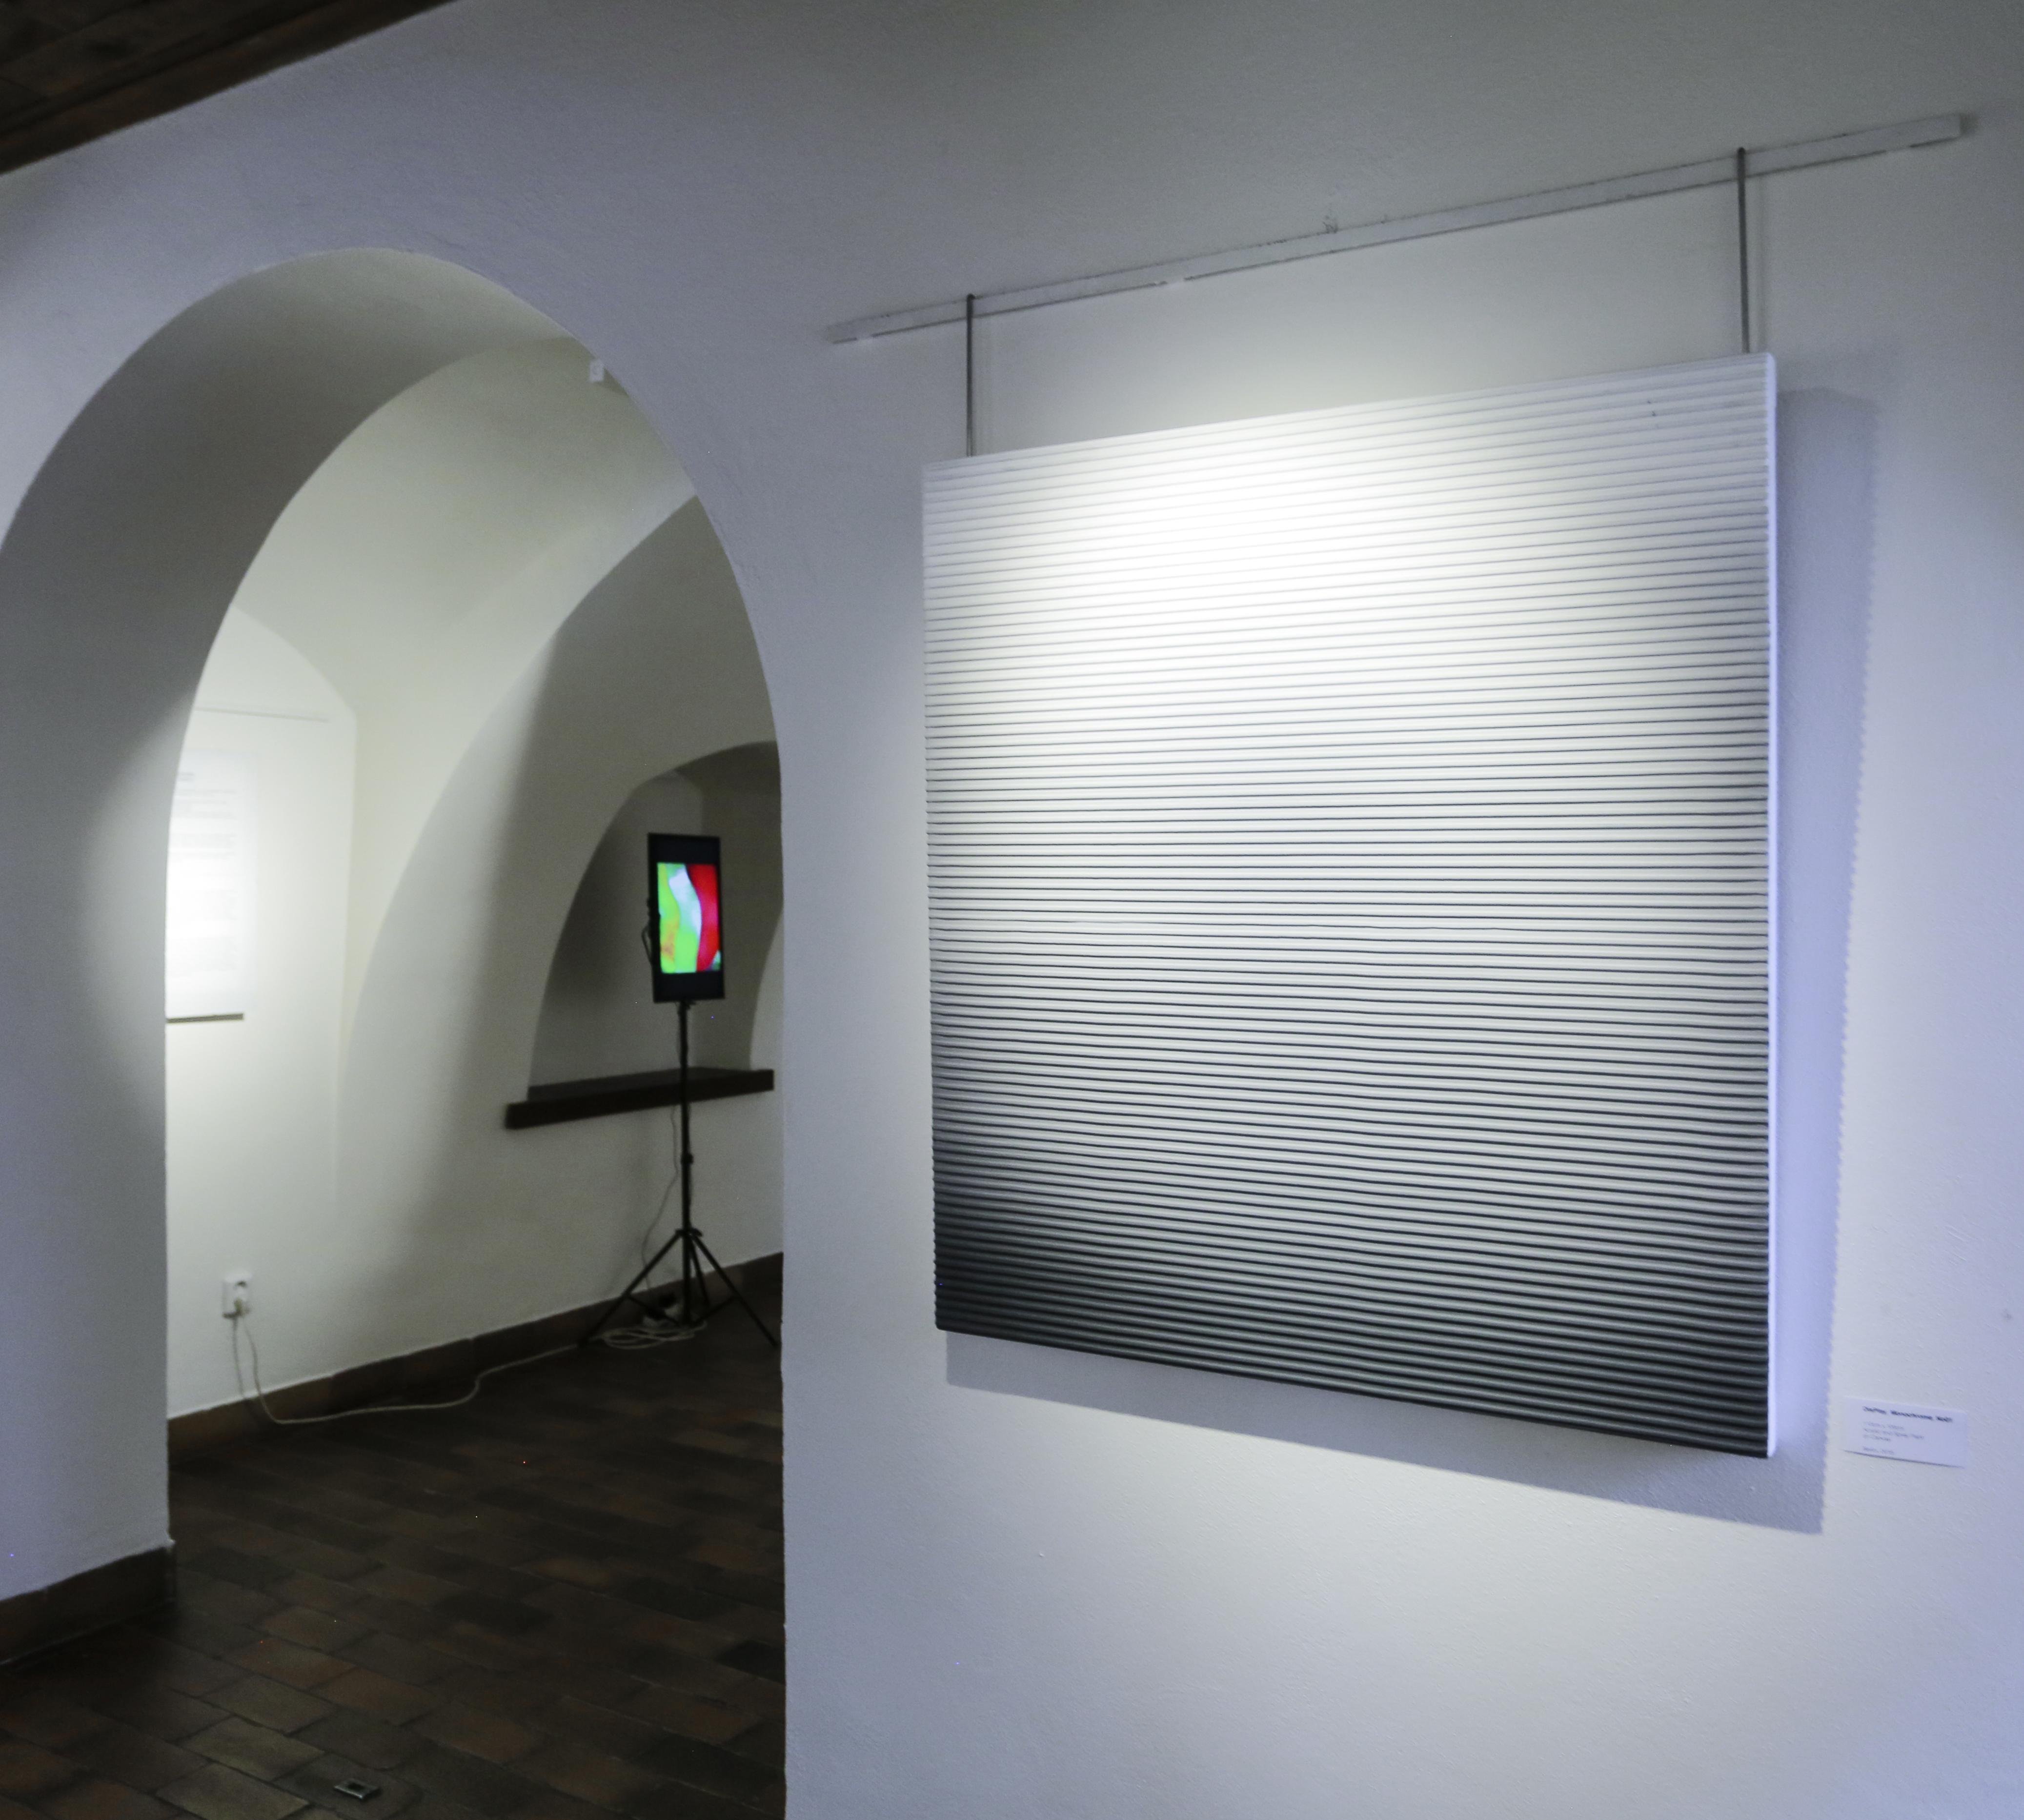 exhibit 7